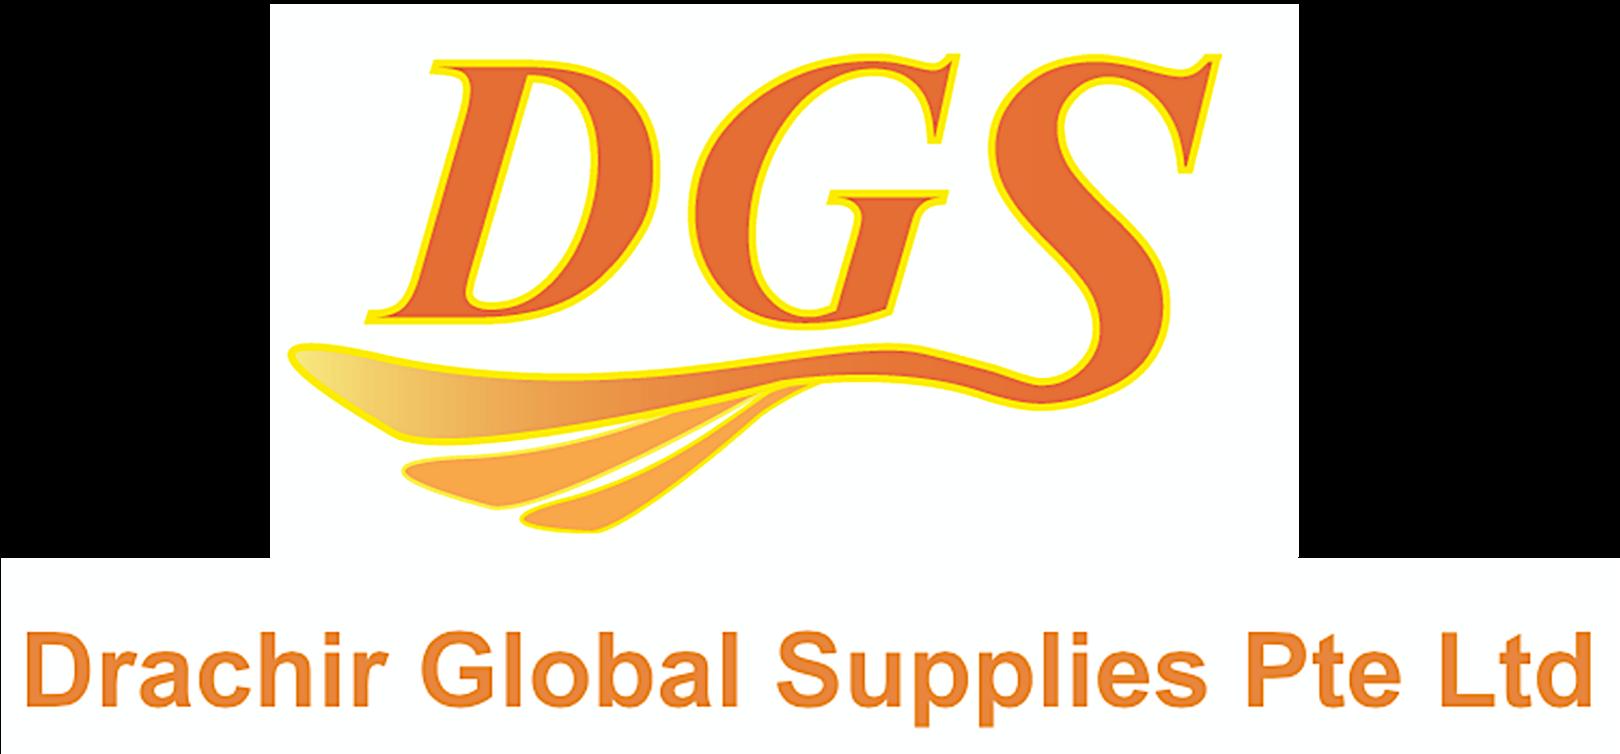 Drachir Global Supplies Pte Ltd